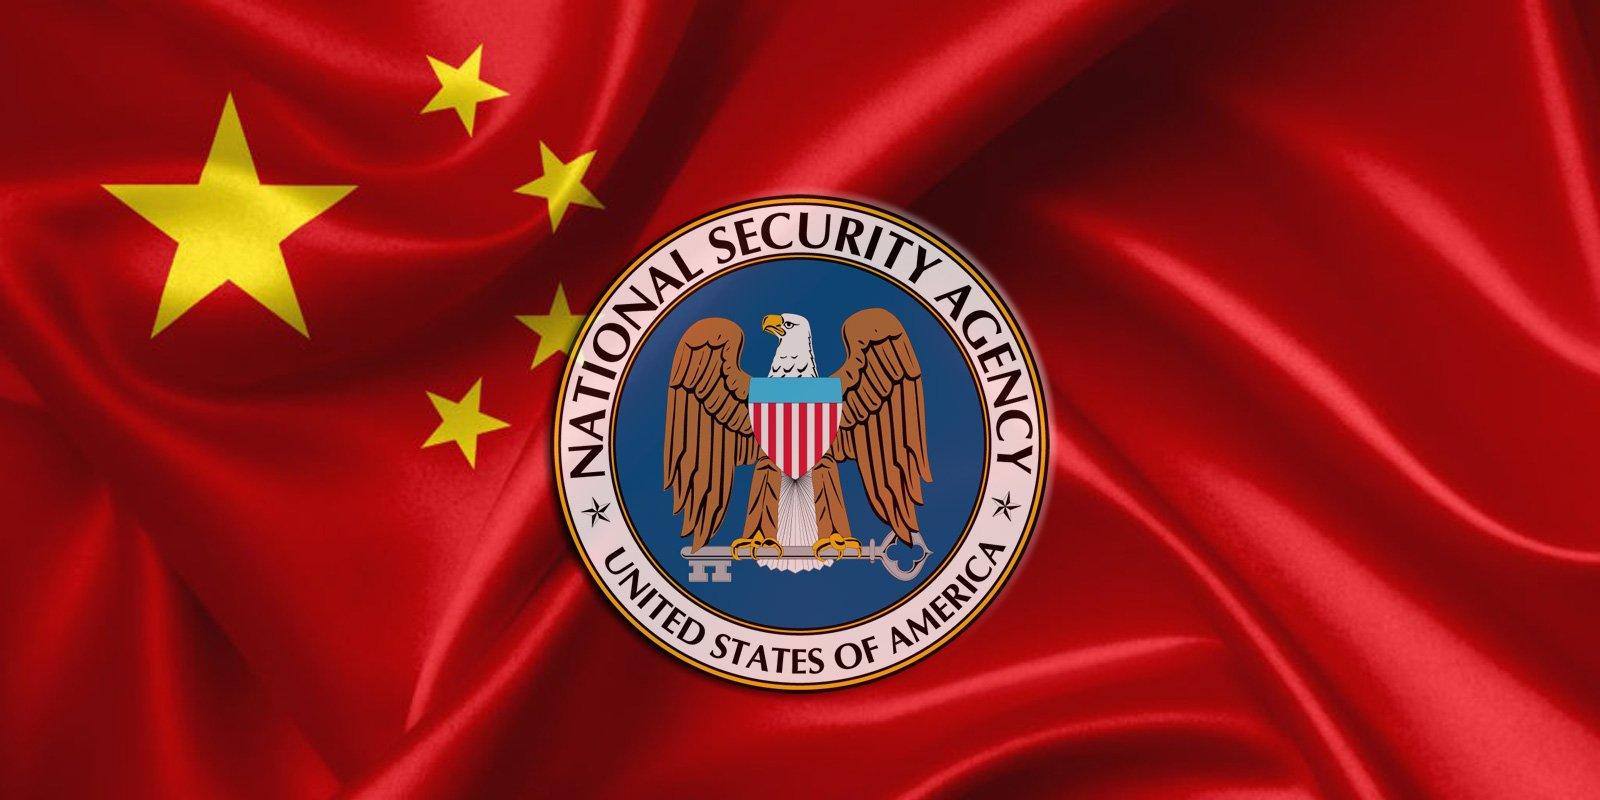 NSA elenca 25 vulnerabilità attualmente prese di mira dagli hacker sponsorizzati dallo Stato cinese